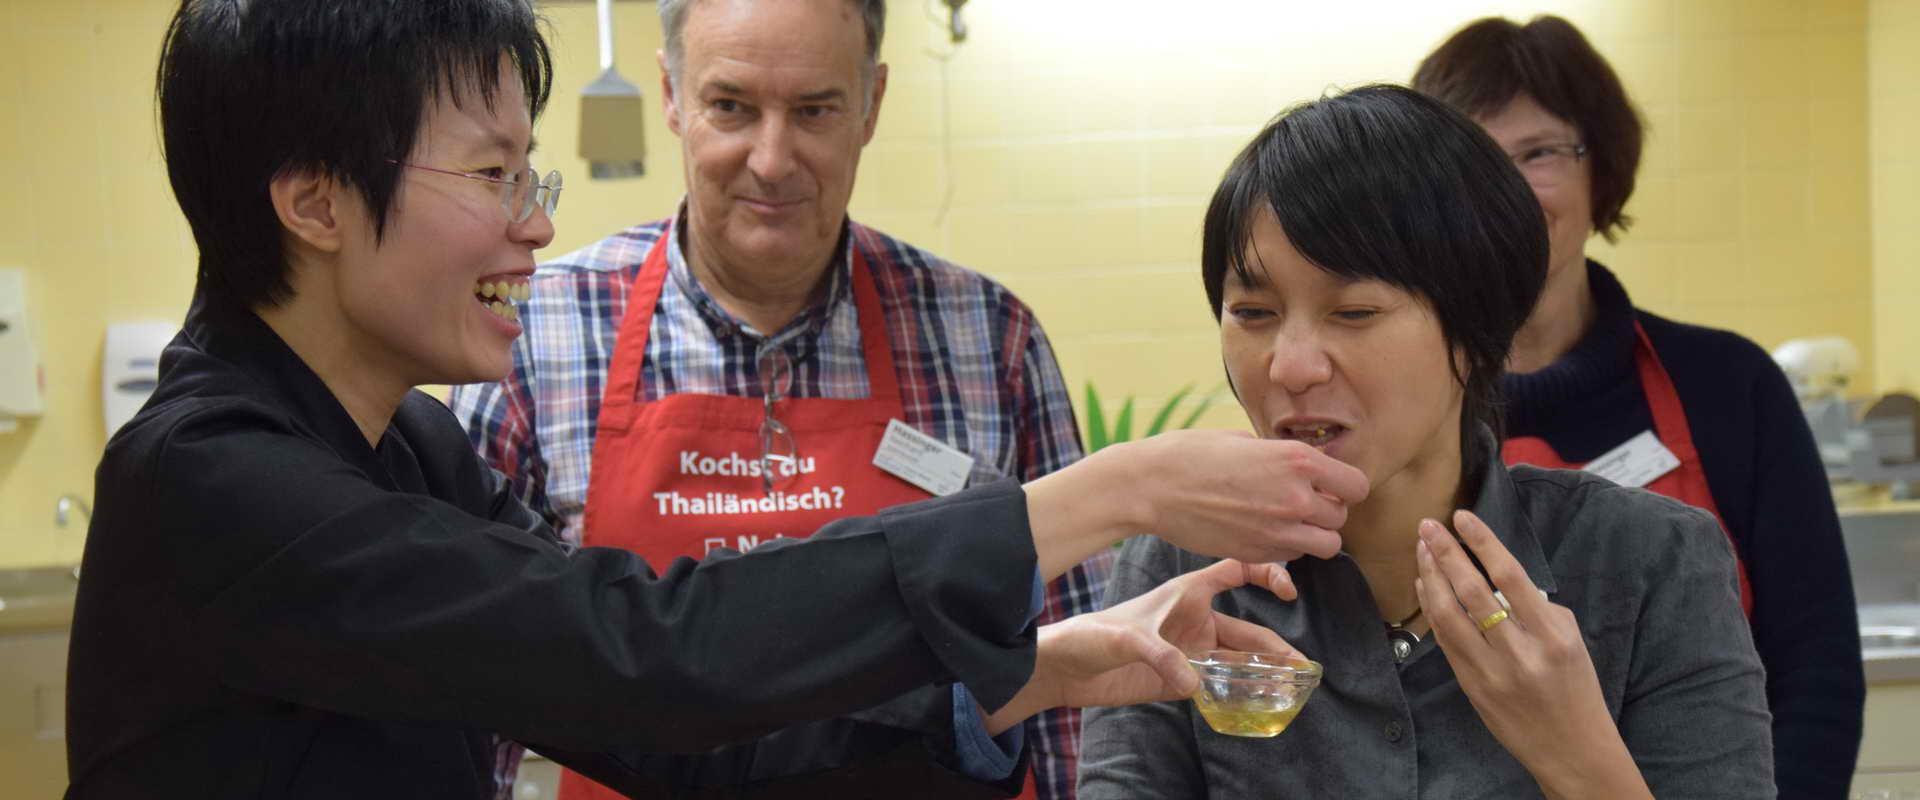 ✏ Kochen & Essen : Thai-Food – Das Blog von der Kursleiterin